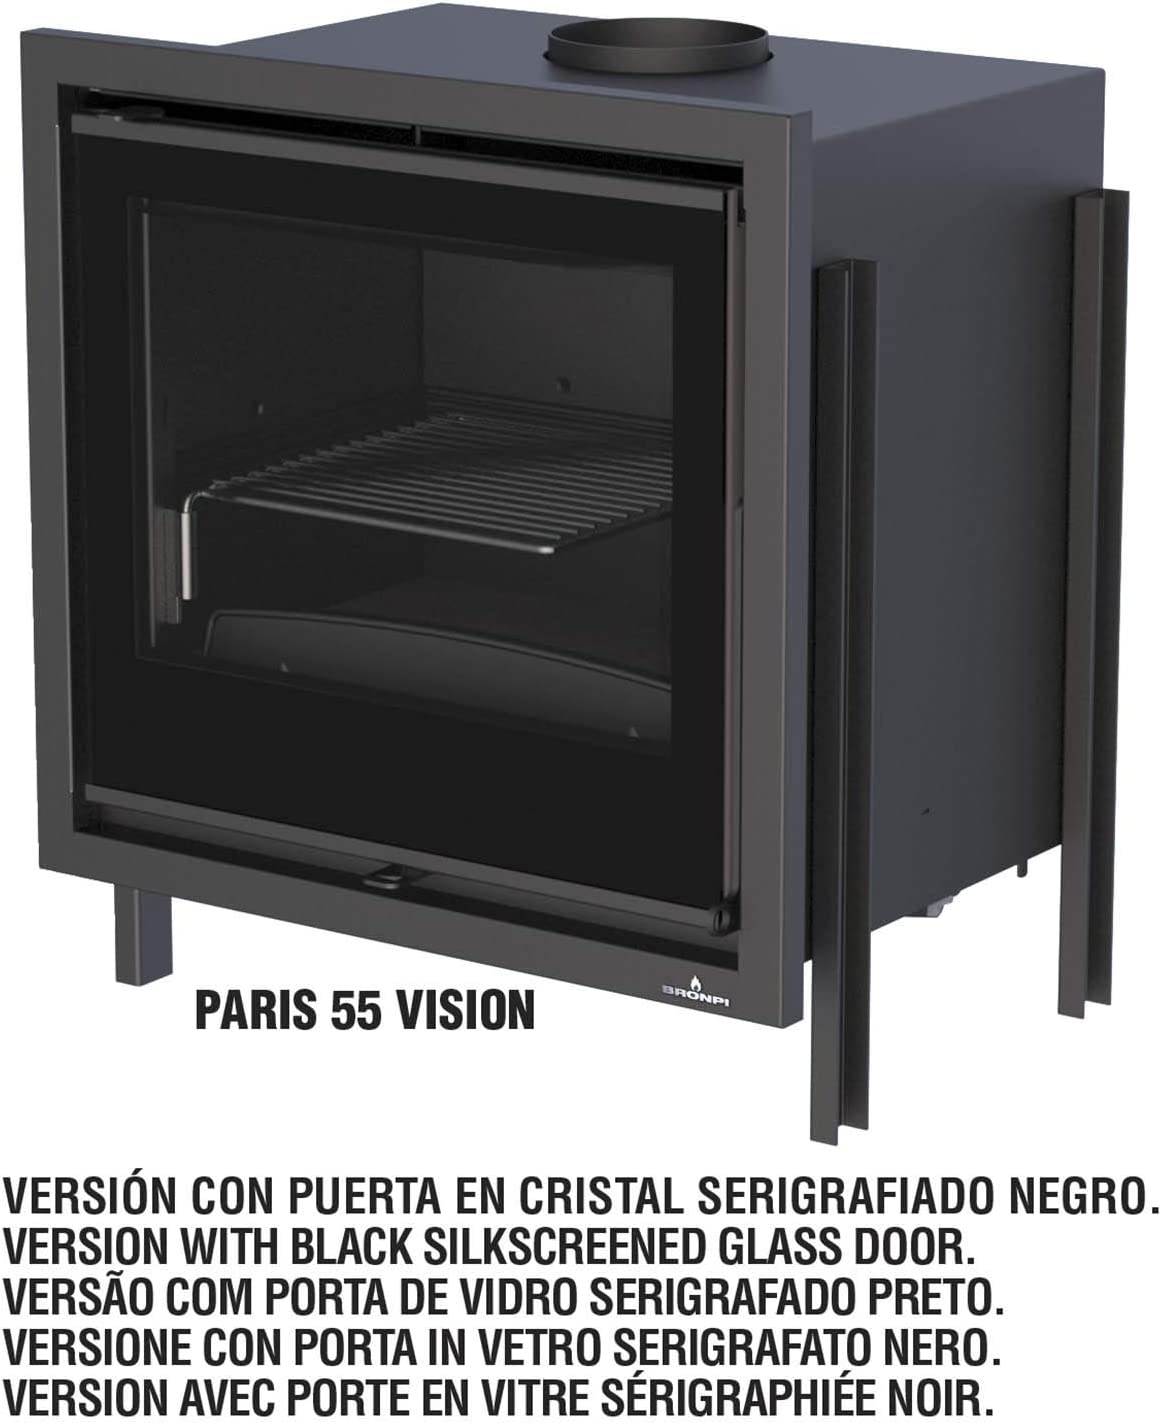 ESTUFA DE LEÑA INSERTABLE BRONPI MODELO PARIS 55 VISION